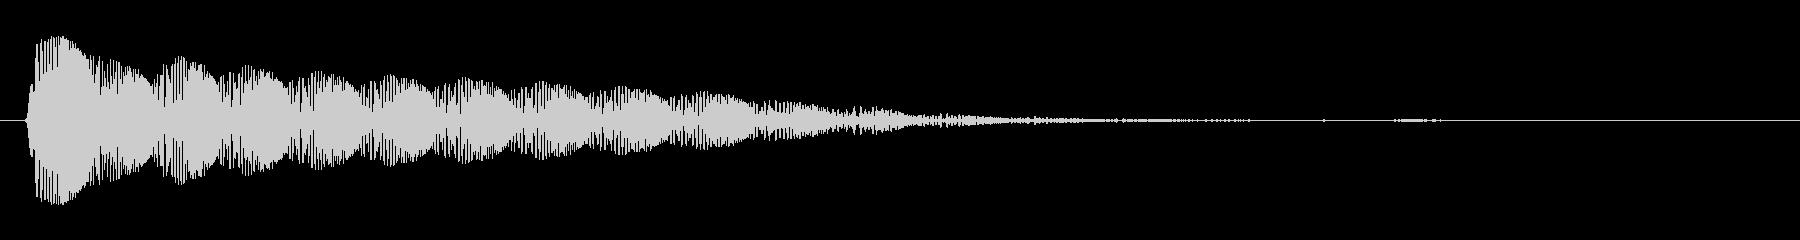 ビヨン(ぷるぷる系)の未再生の波形